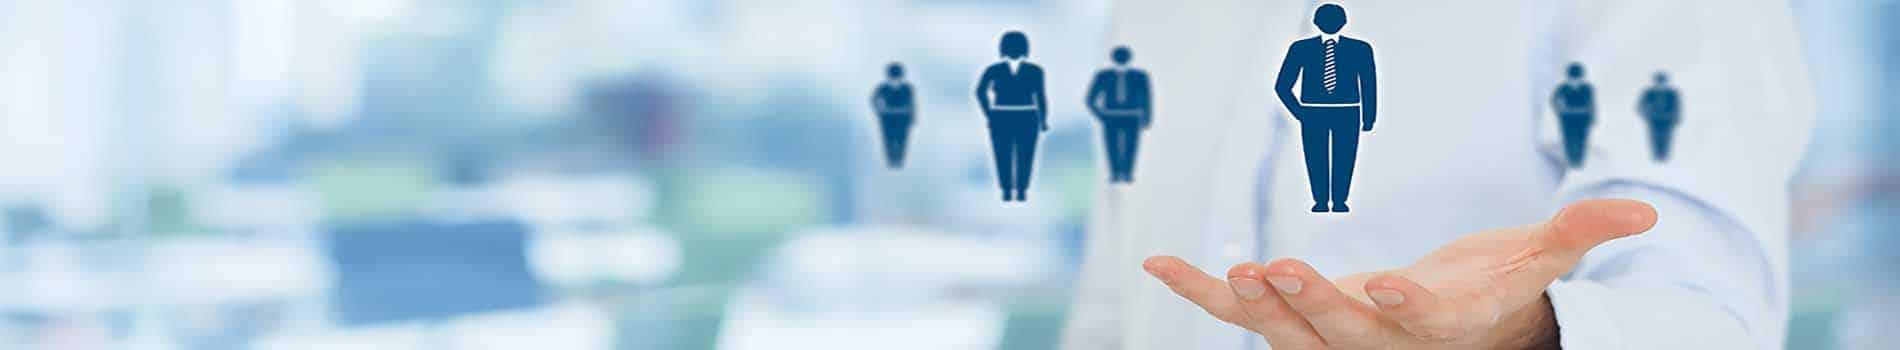 Erwartungen, Ziele, Transparenz: Die neue IT-Agentur managen